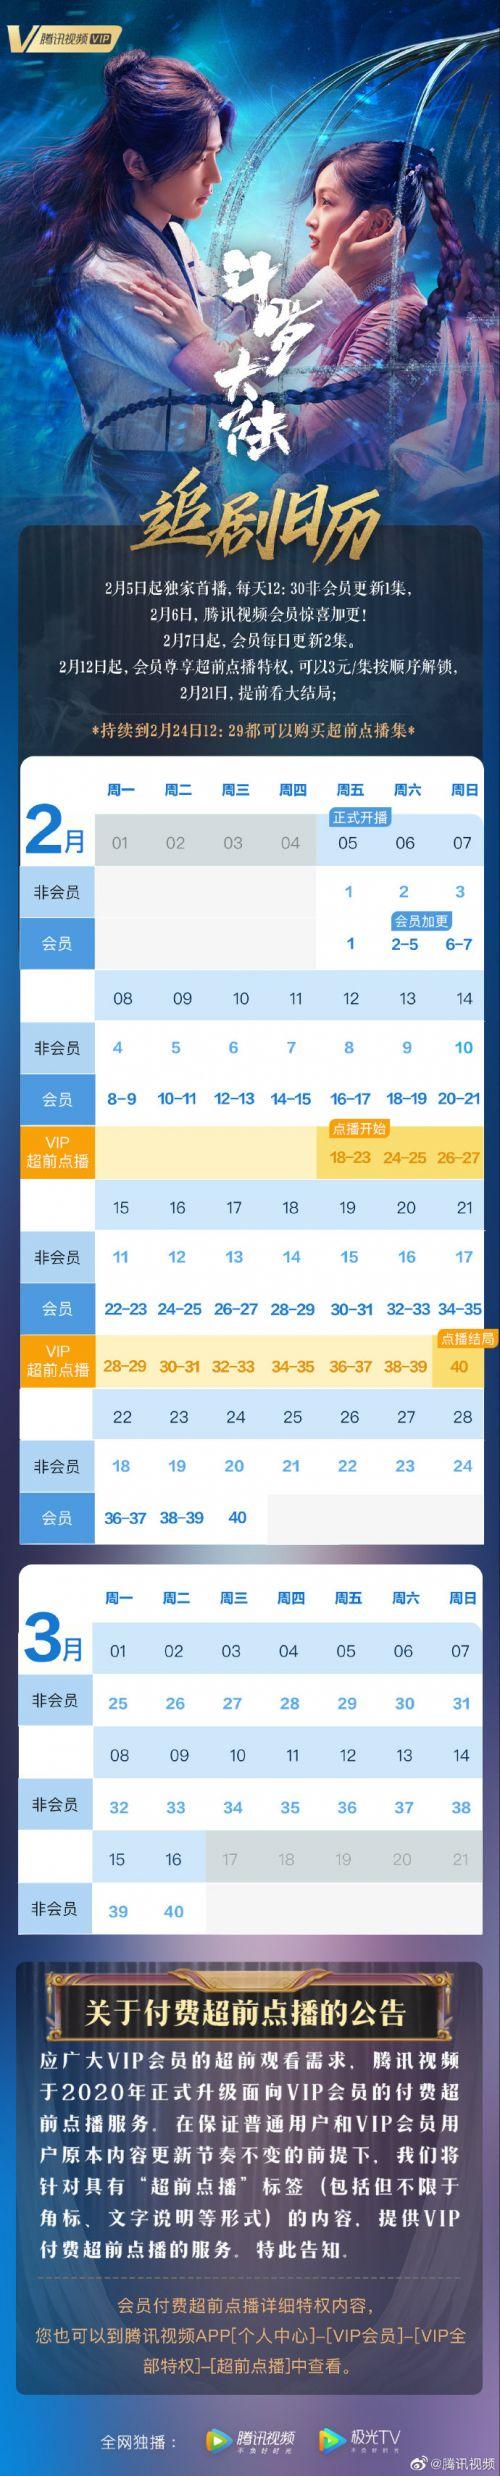 电视连续剧《斗罗大陆》始于腾讯视频和CCTV-8 由肖恩·小轩·易主演